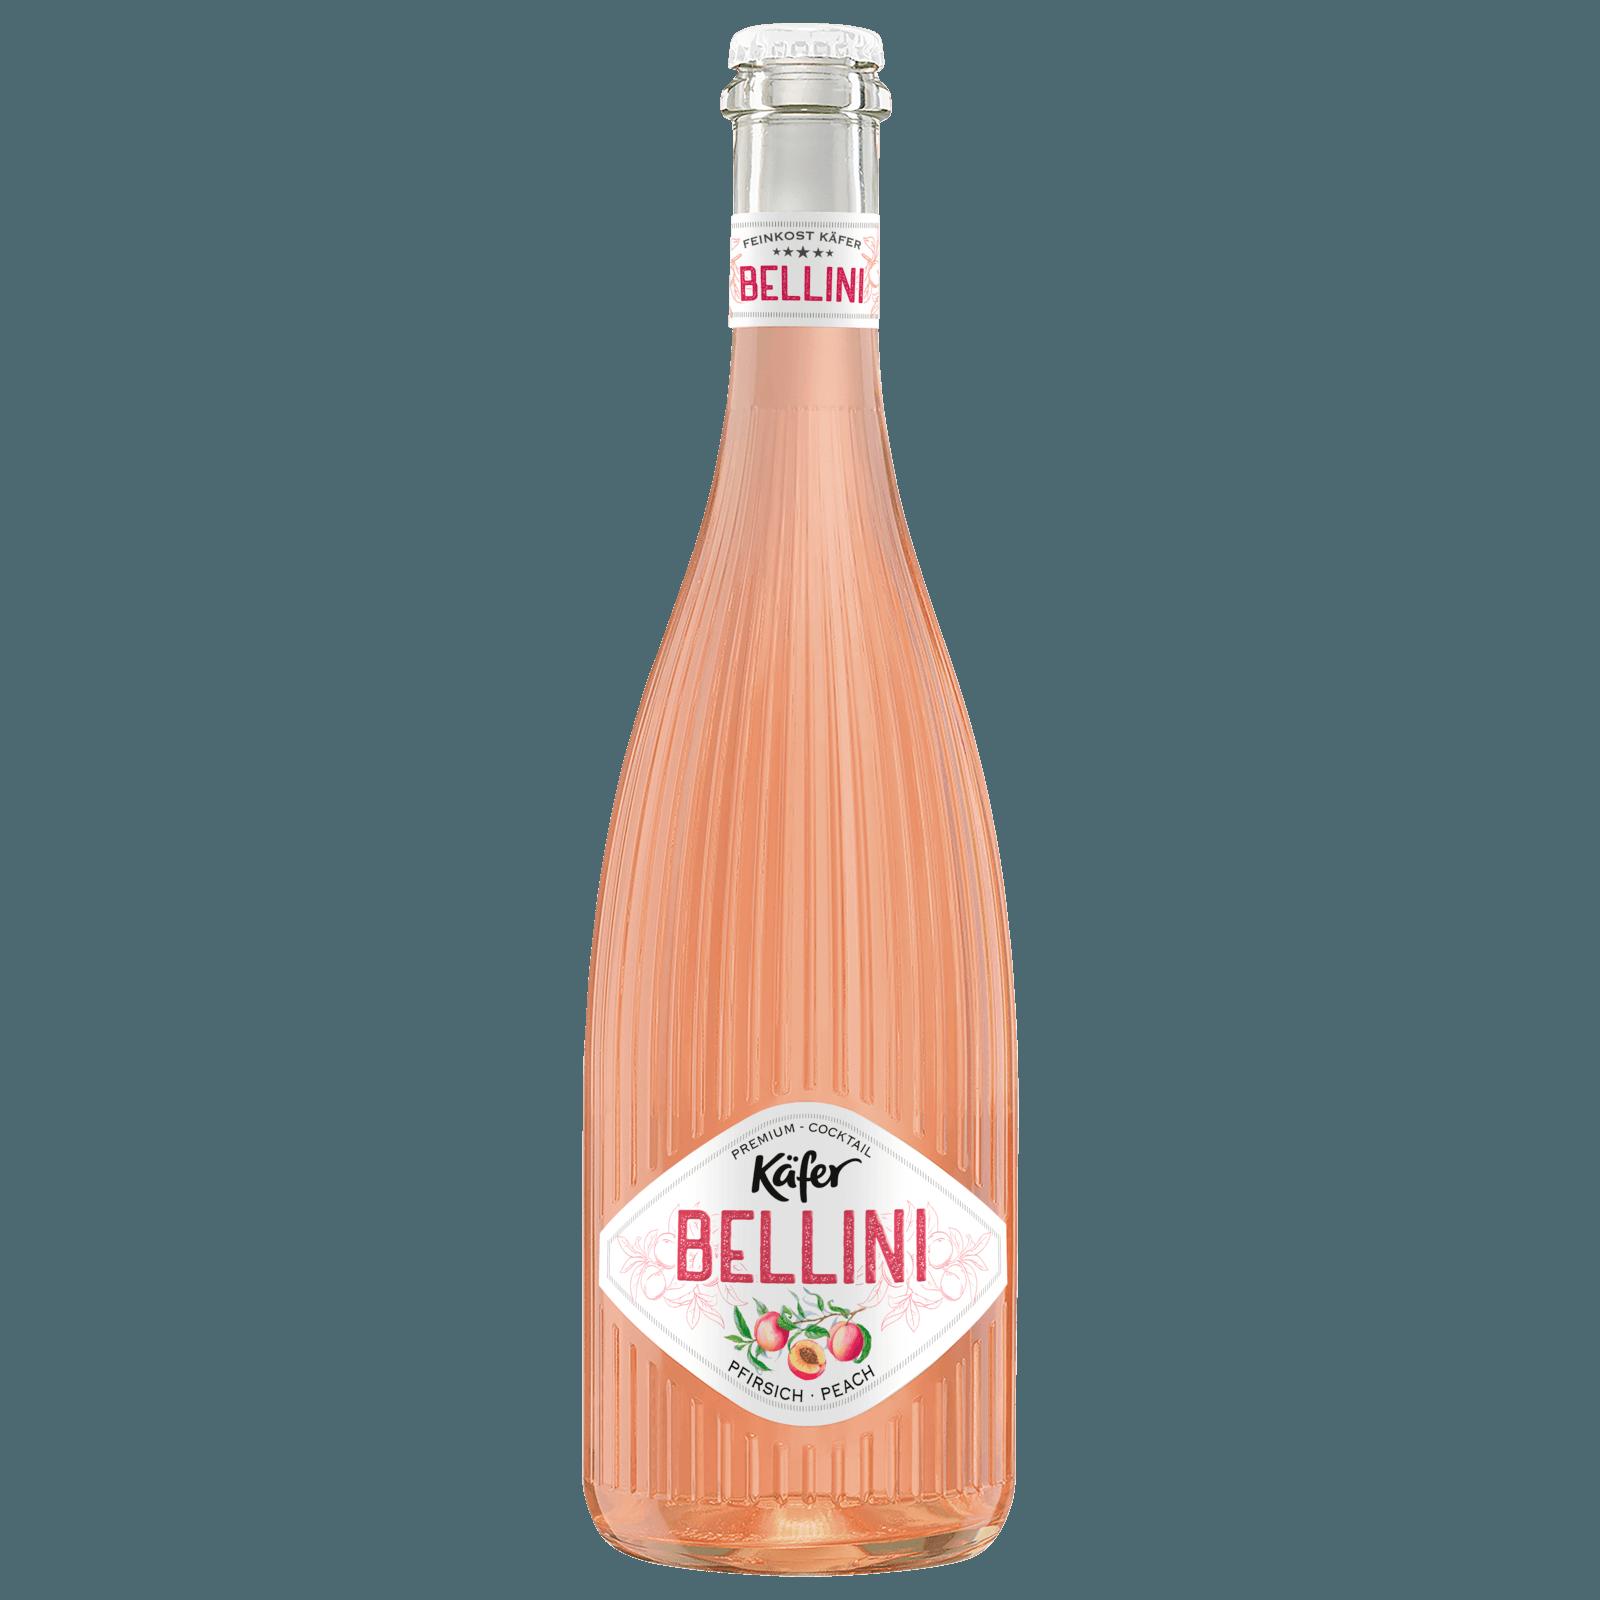 Käfer Bellini Peach Pfirsich 0,75l